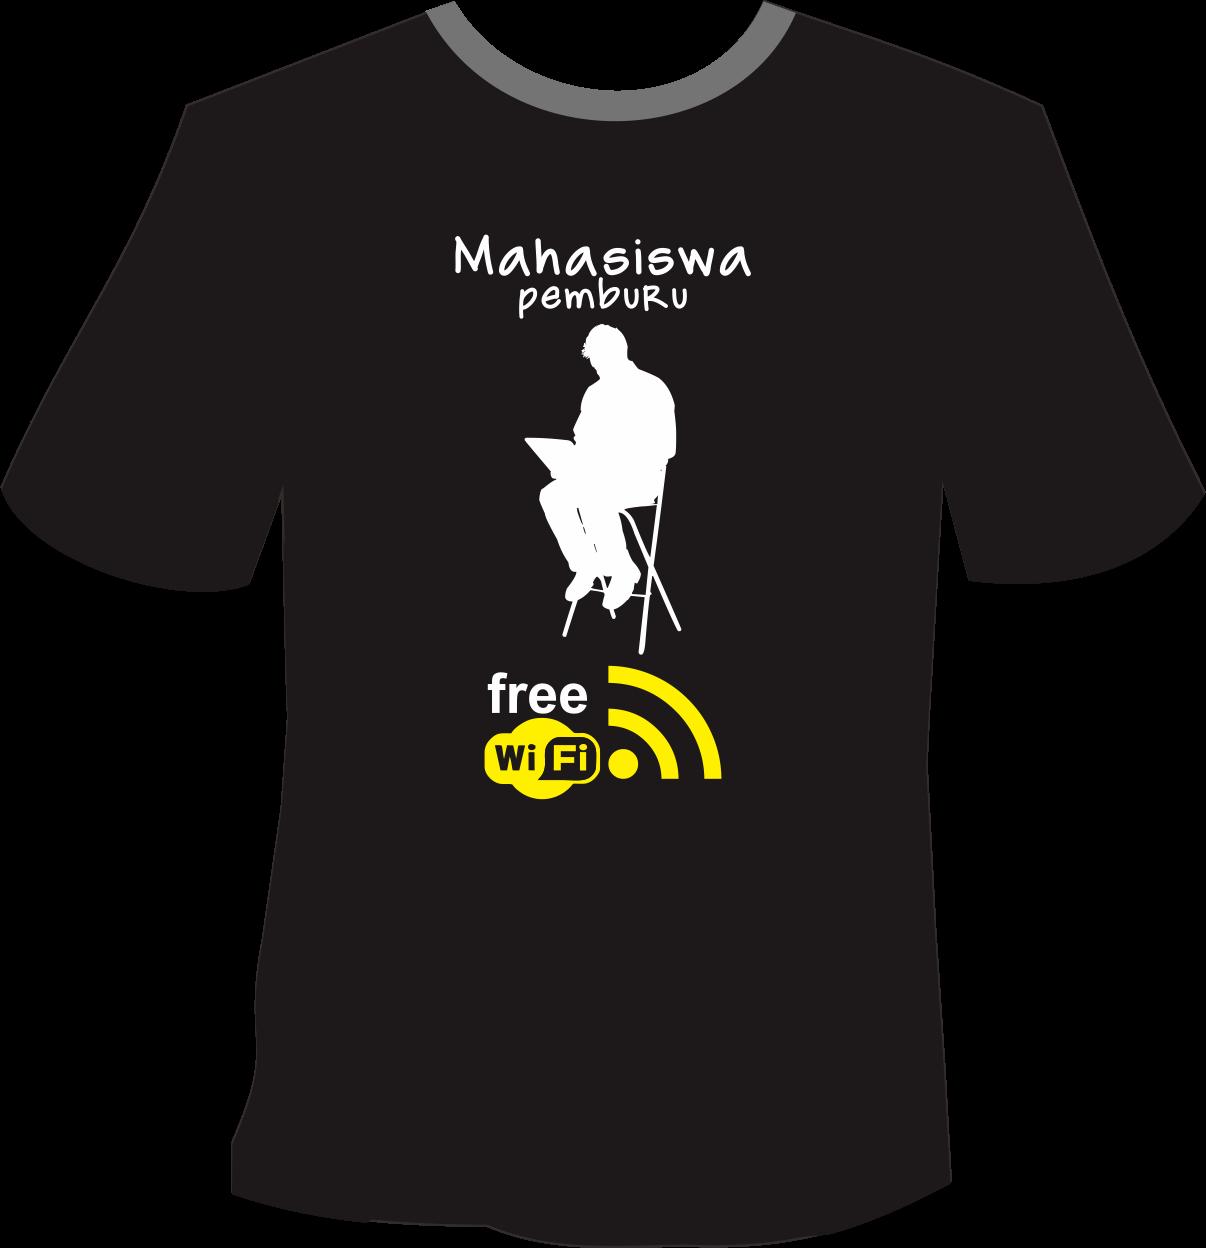 Desain Kaos Mahasiswa